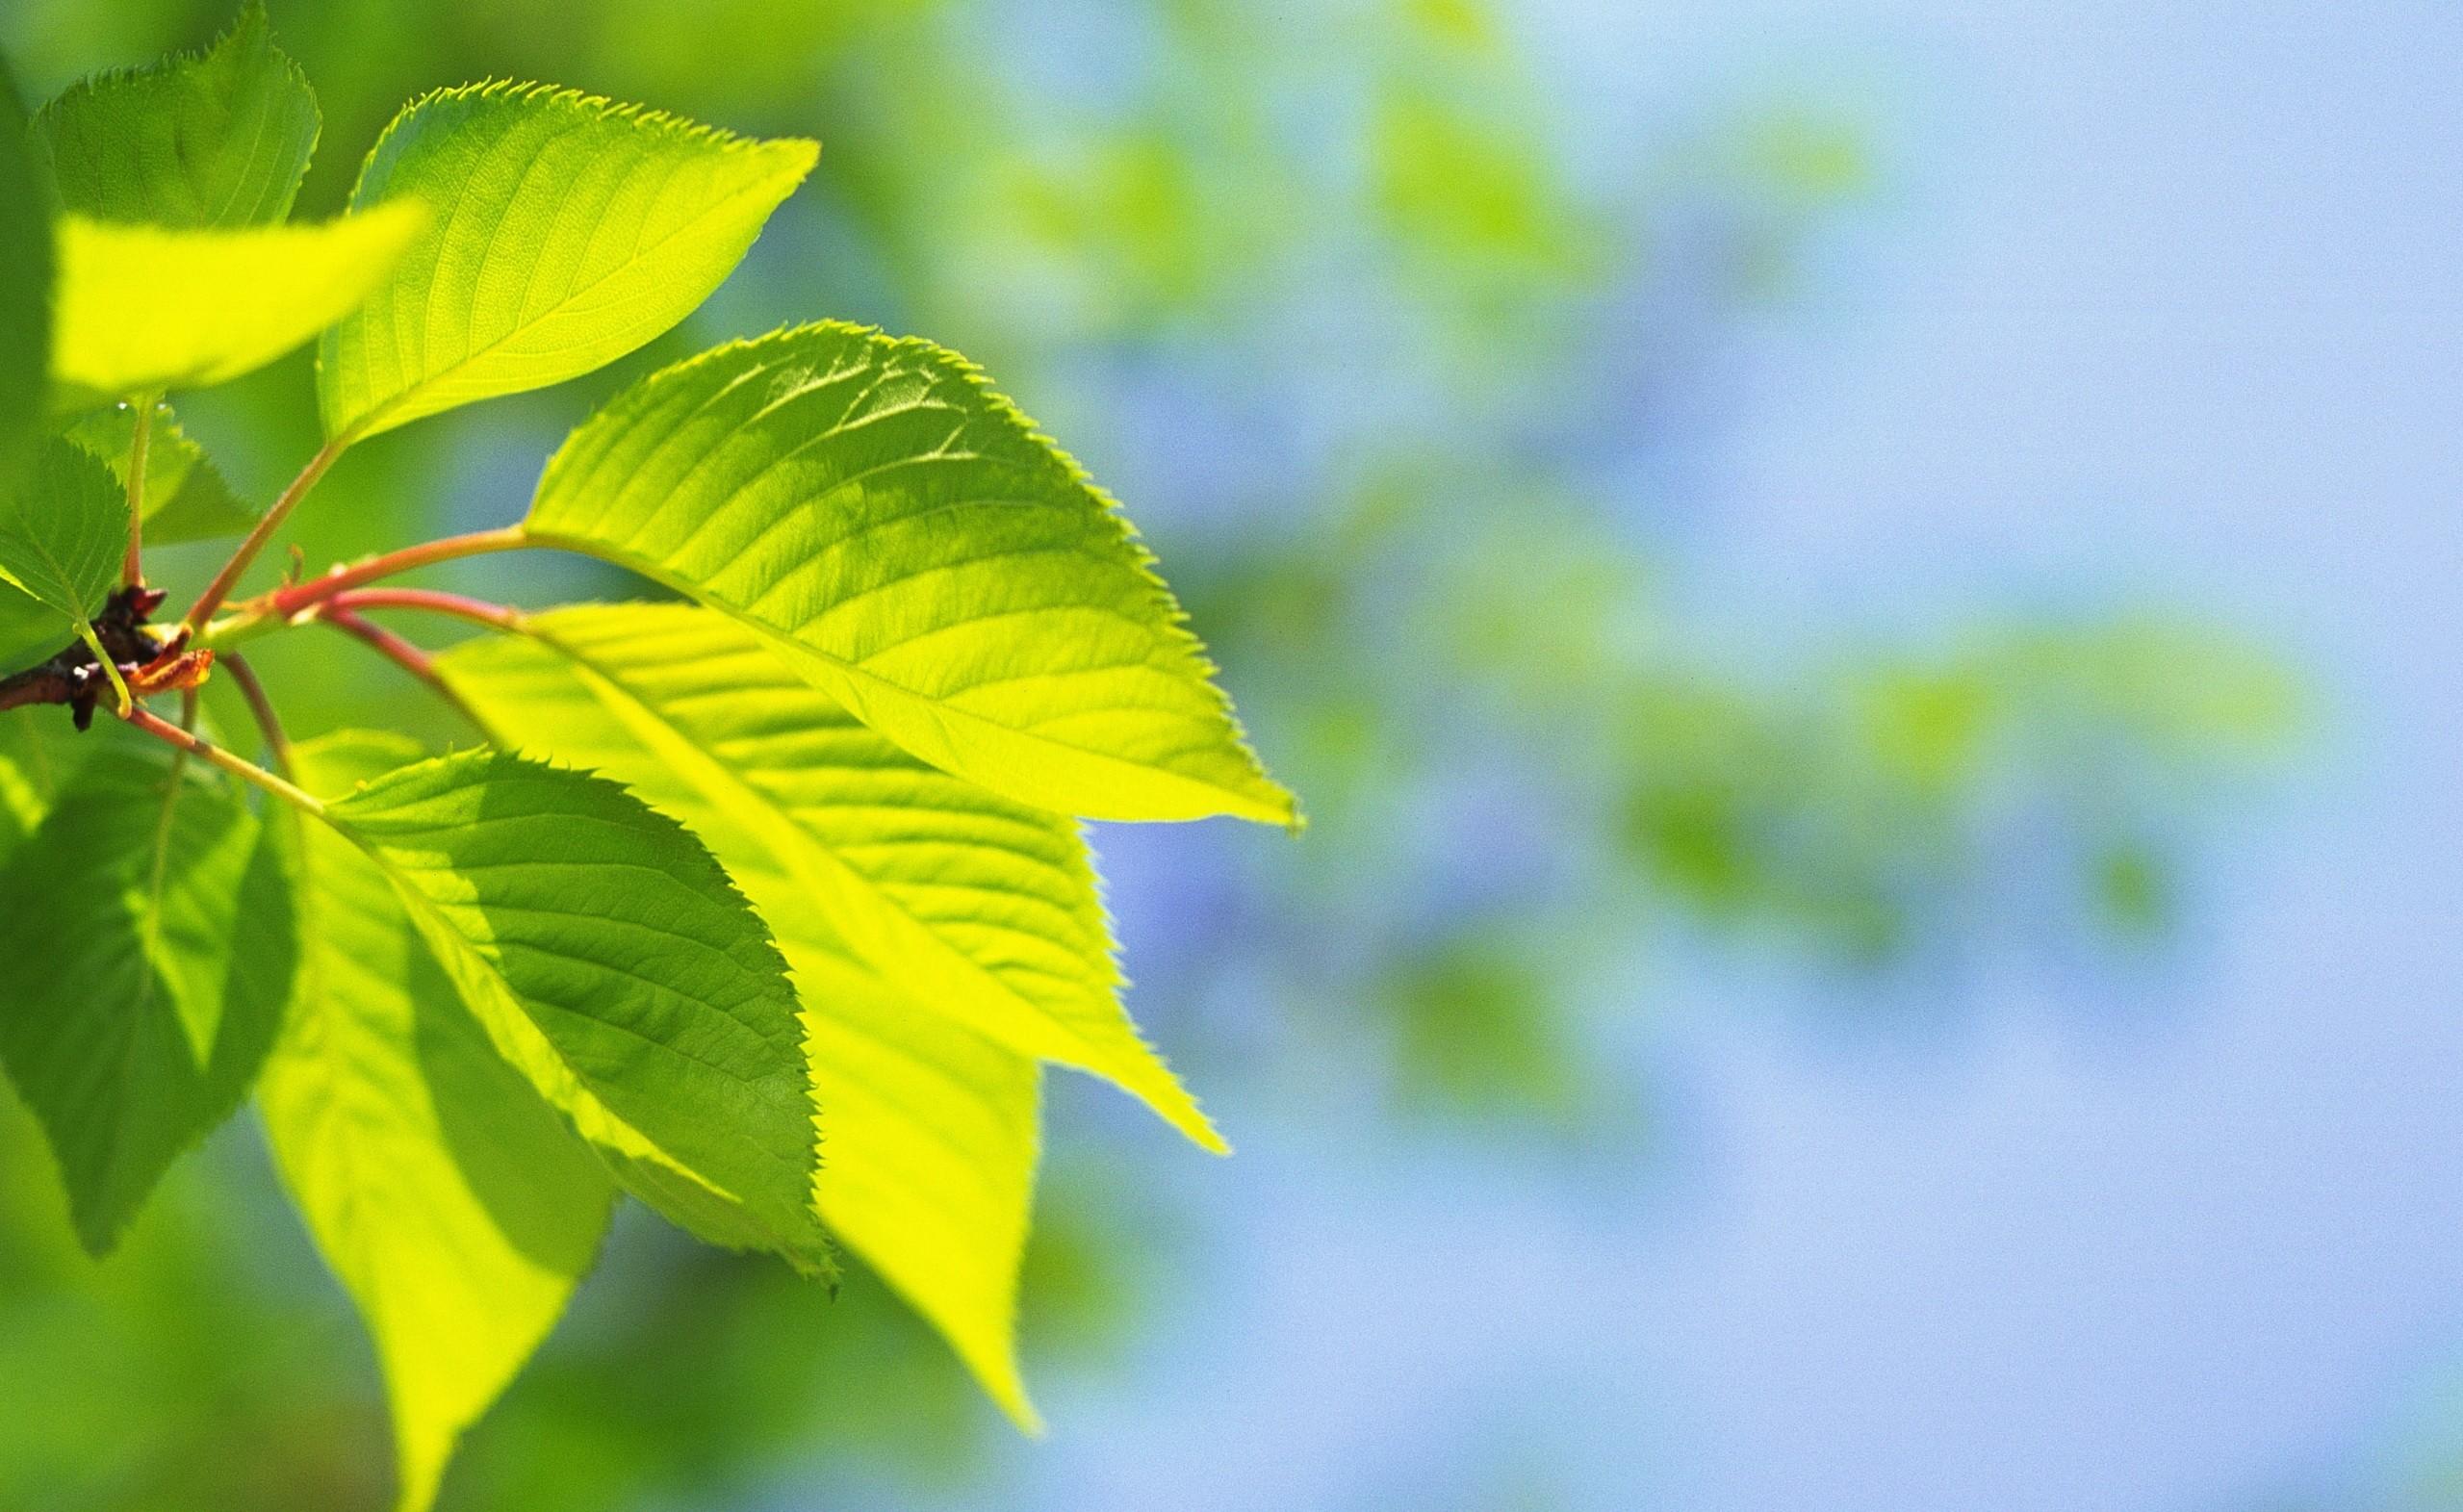 Fondos de pantalla luz de sol hojas naturaleza - Papel pintado ramas arbol ...